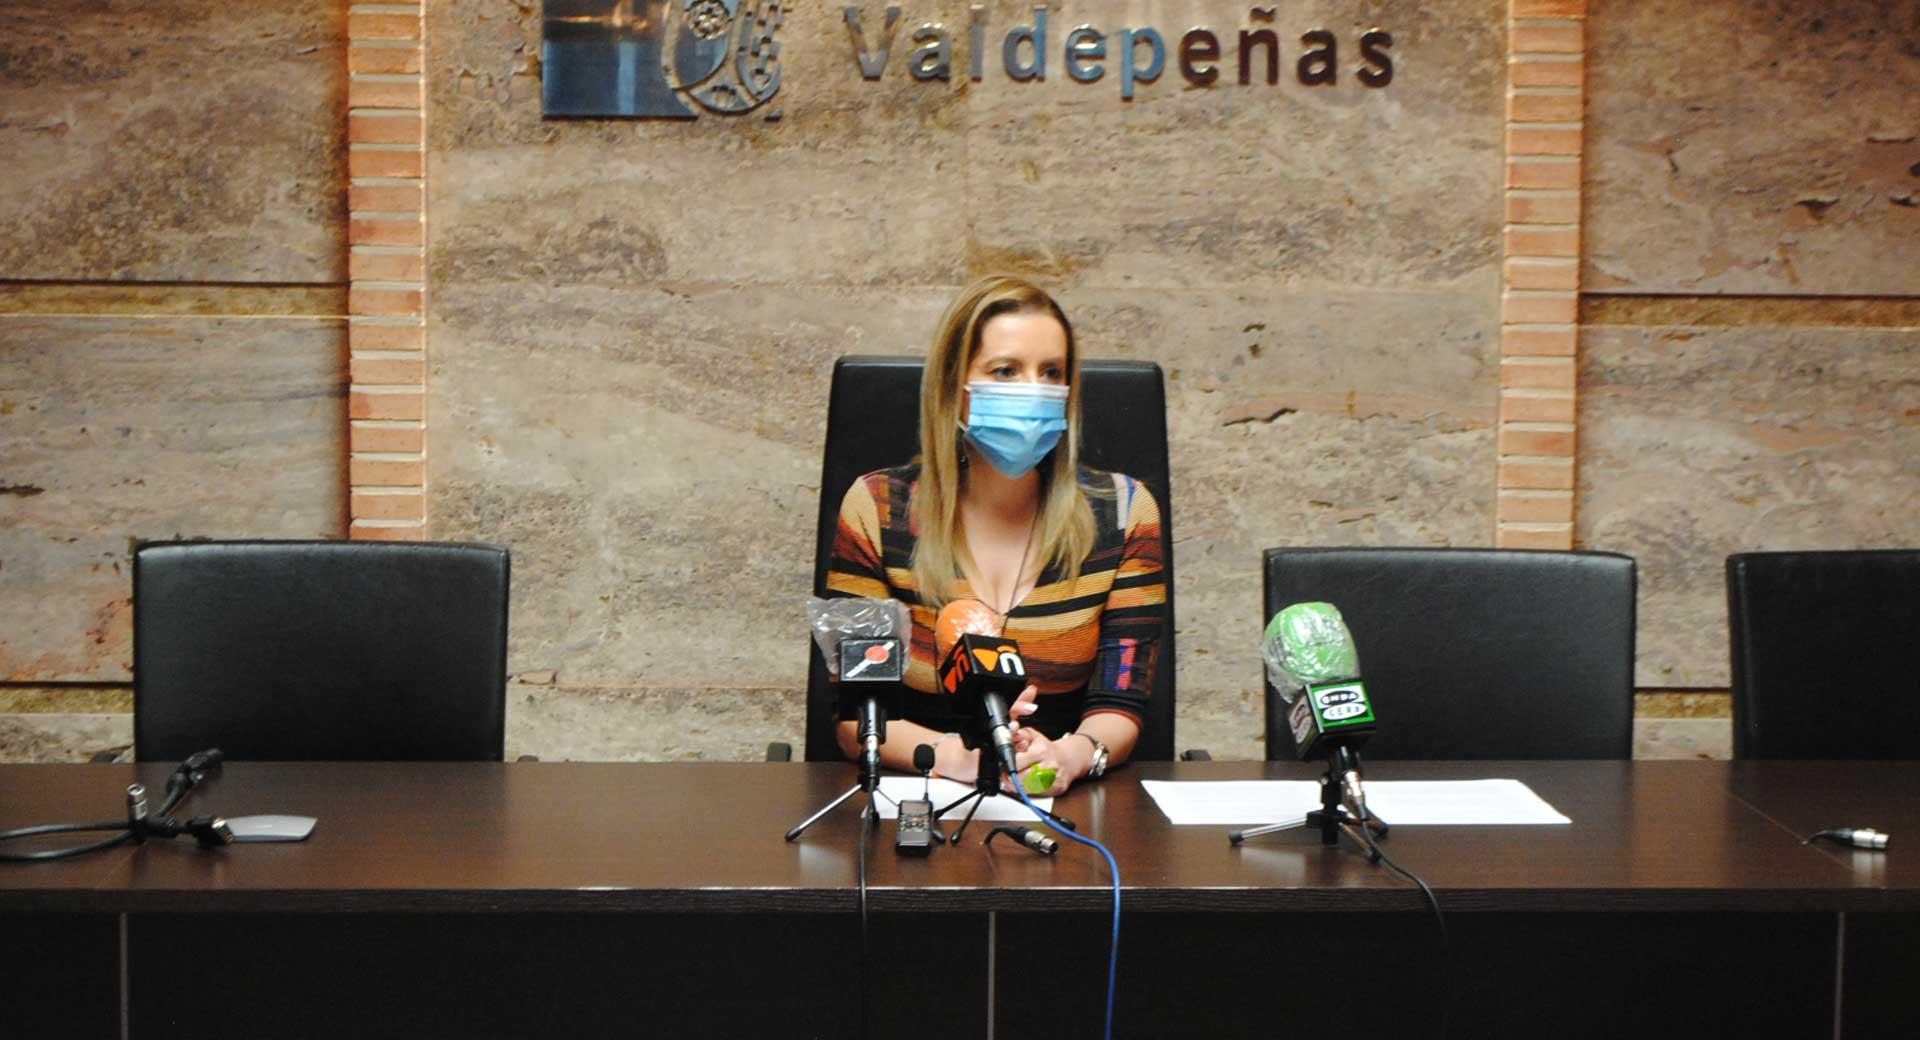 El patrimonio cultural de Valdepeñas, protagonista en el Día Mundial del Turismo